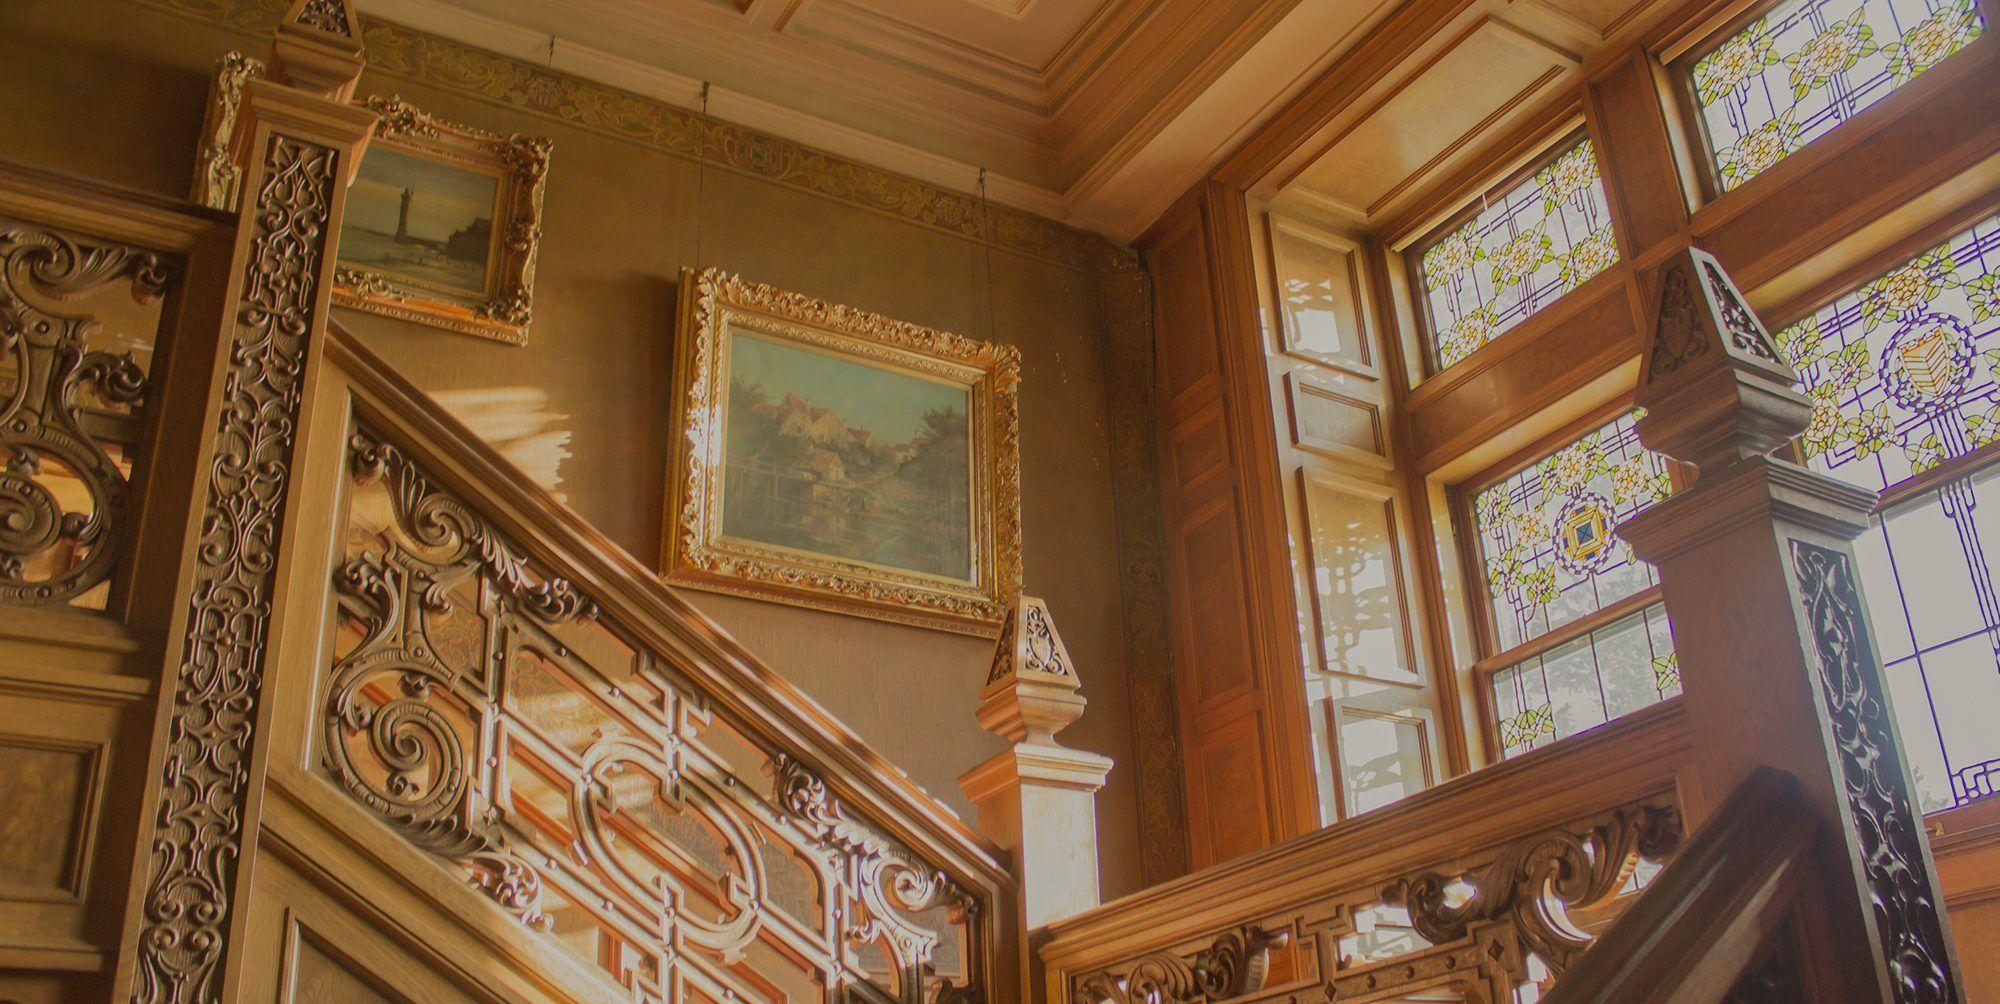 About Glensheen Mansion Duluth Glensheen Mansion Glensheen Mansions